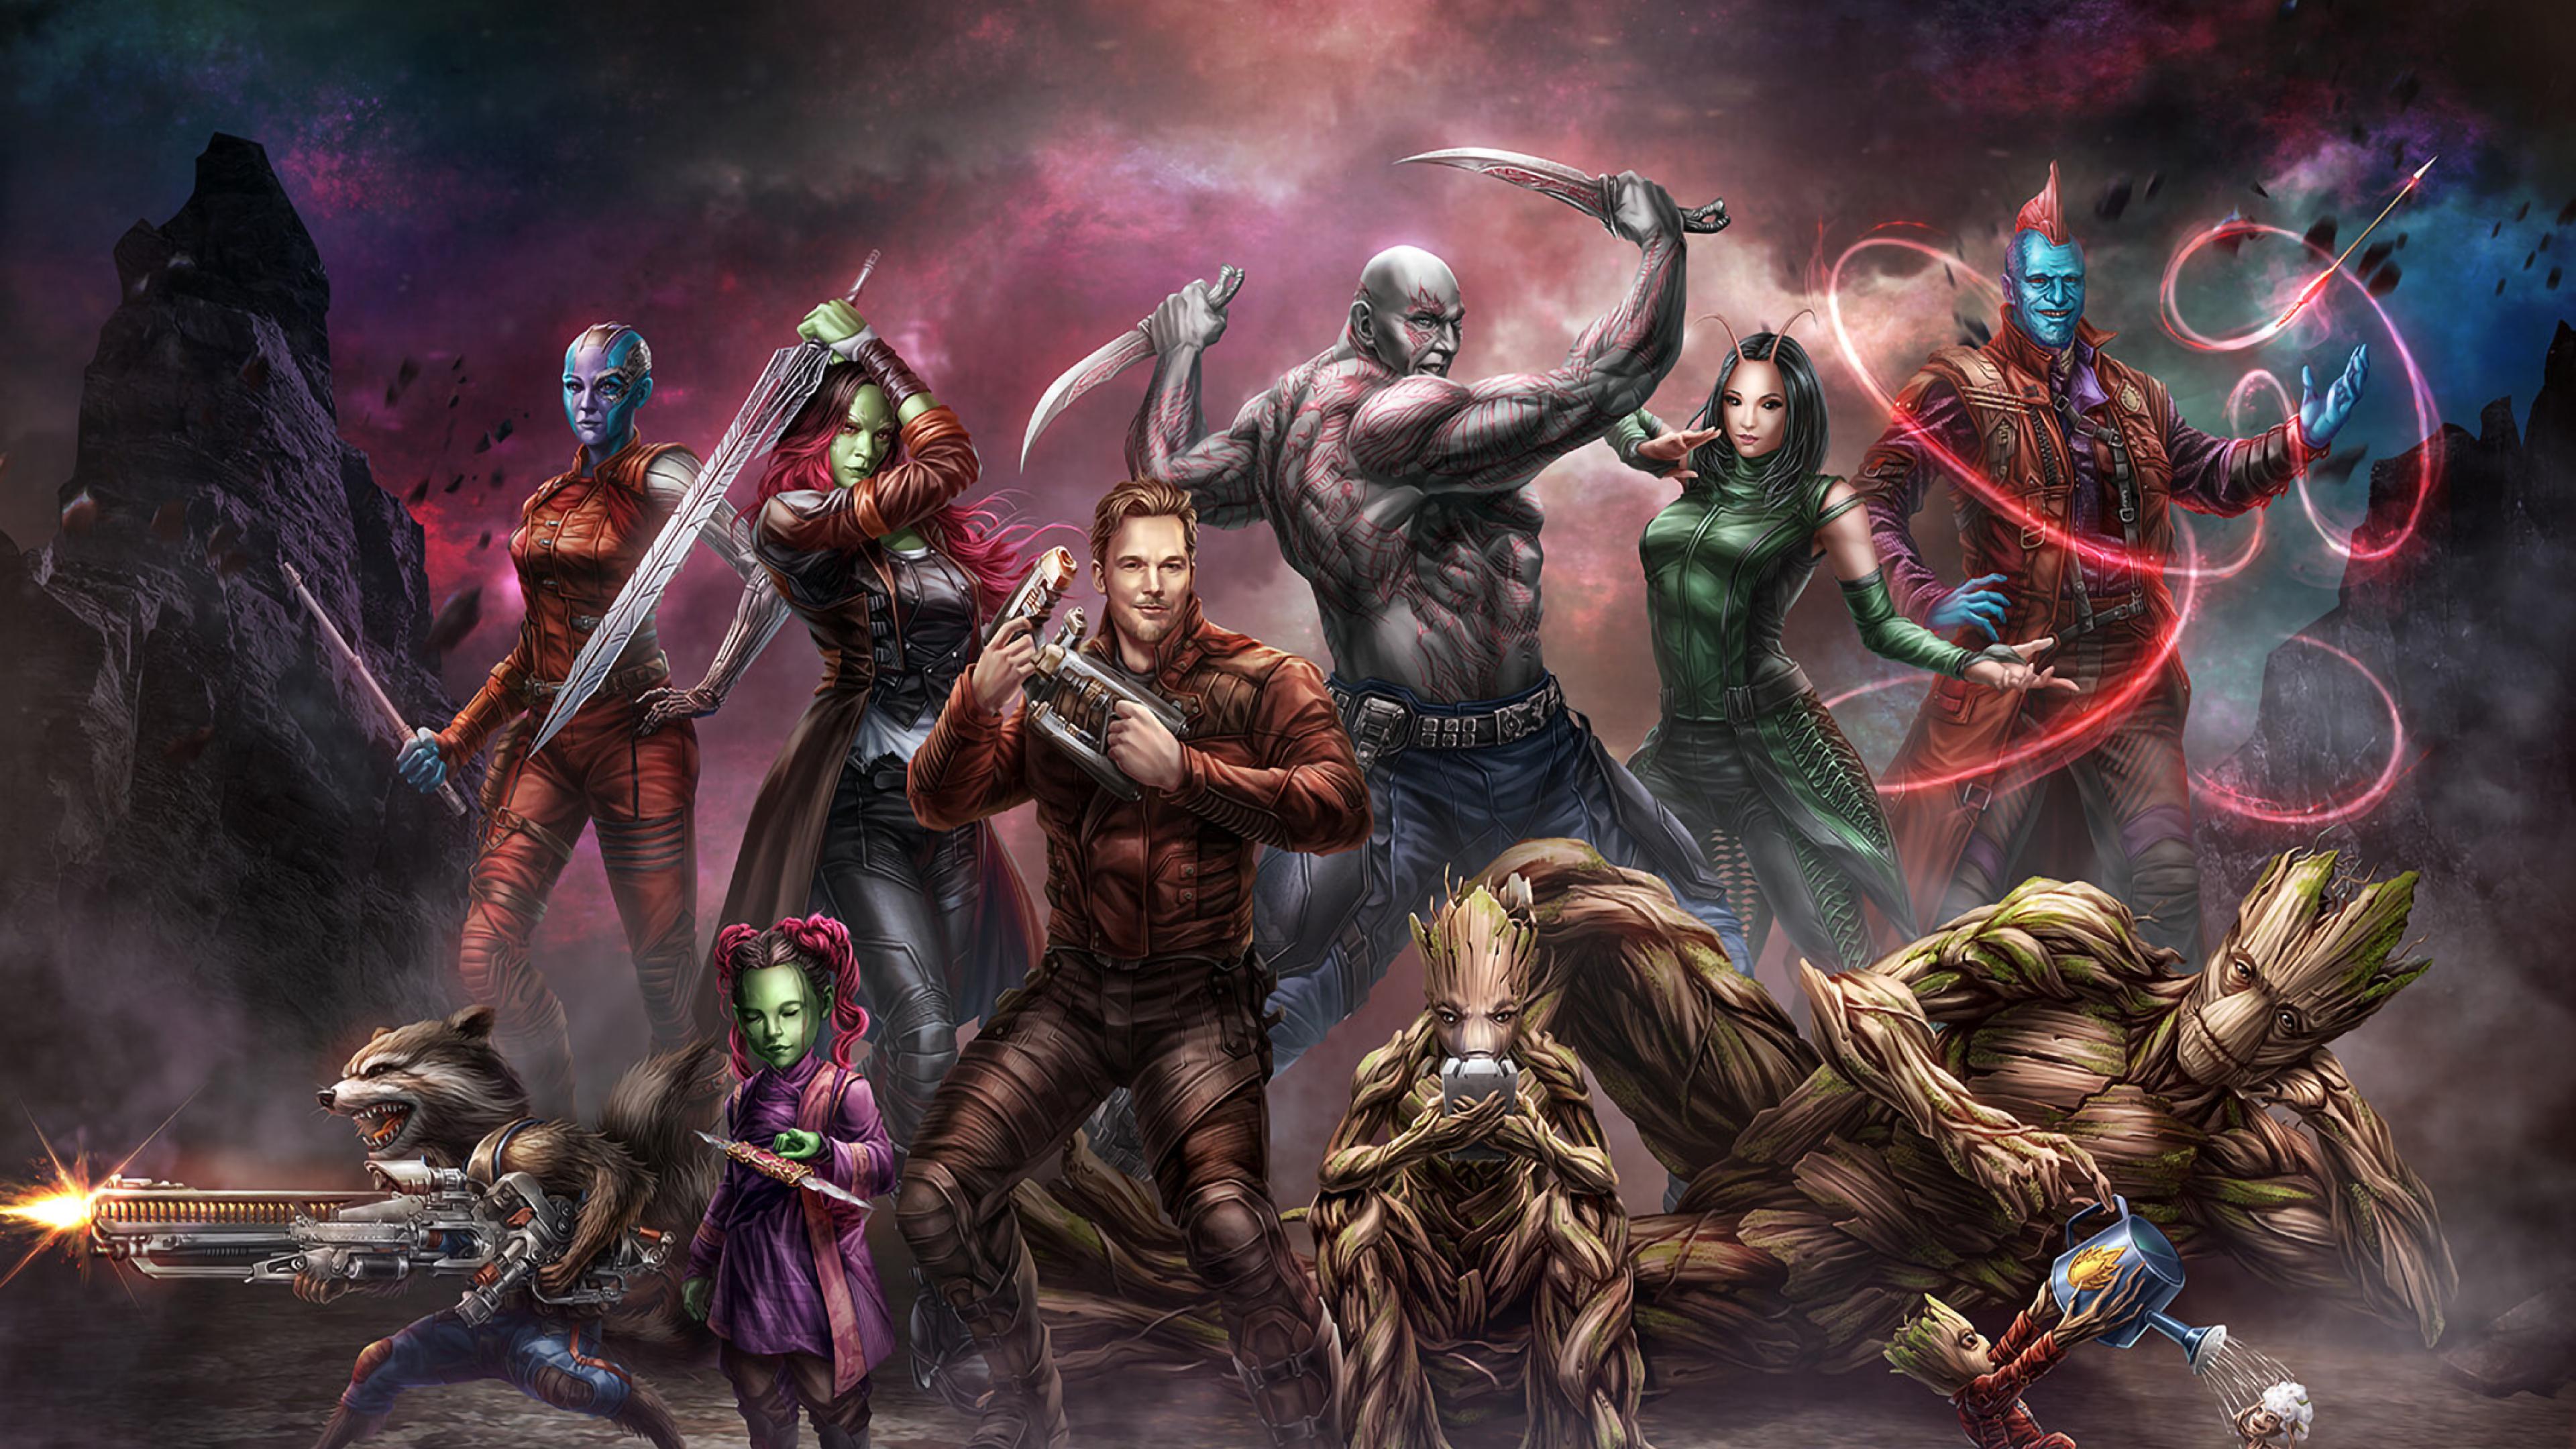 3840x2160 New Guardians Of Galaxy 4k Wallpaper Hd Movies 4k